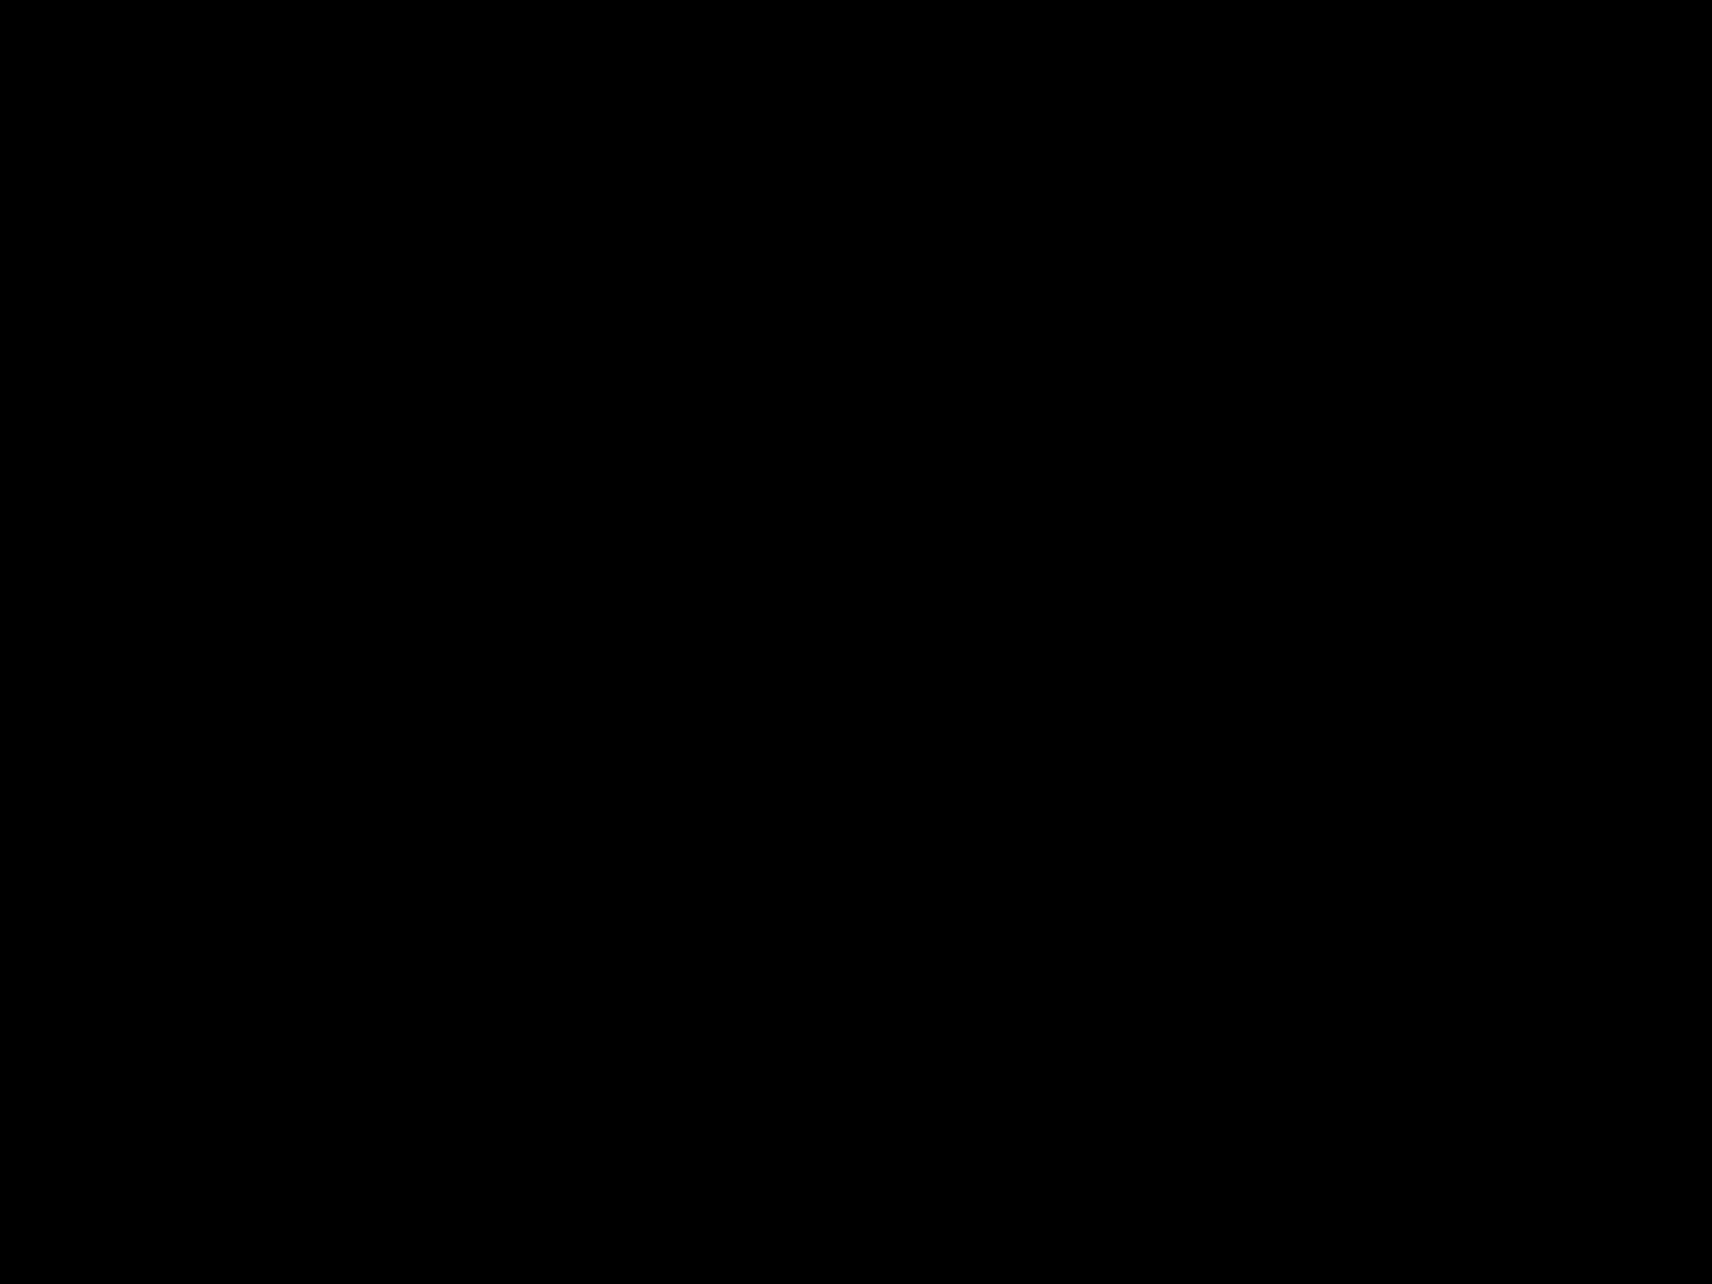 40164_02.jpg